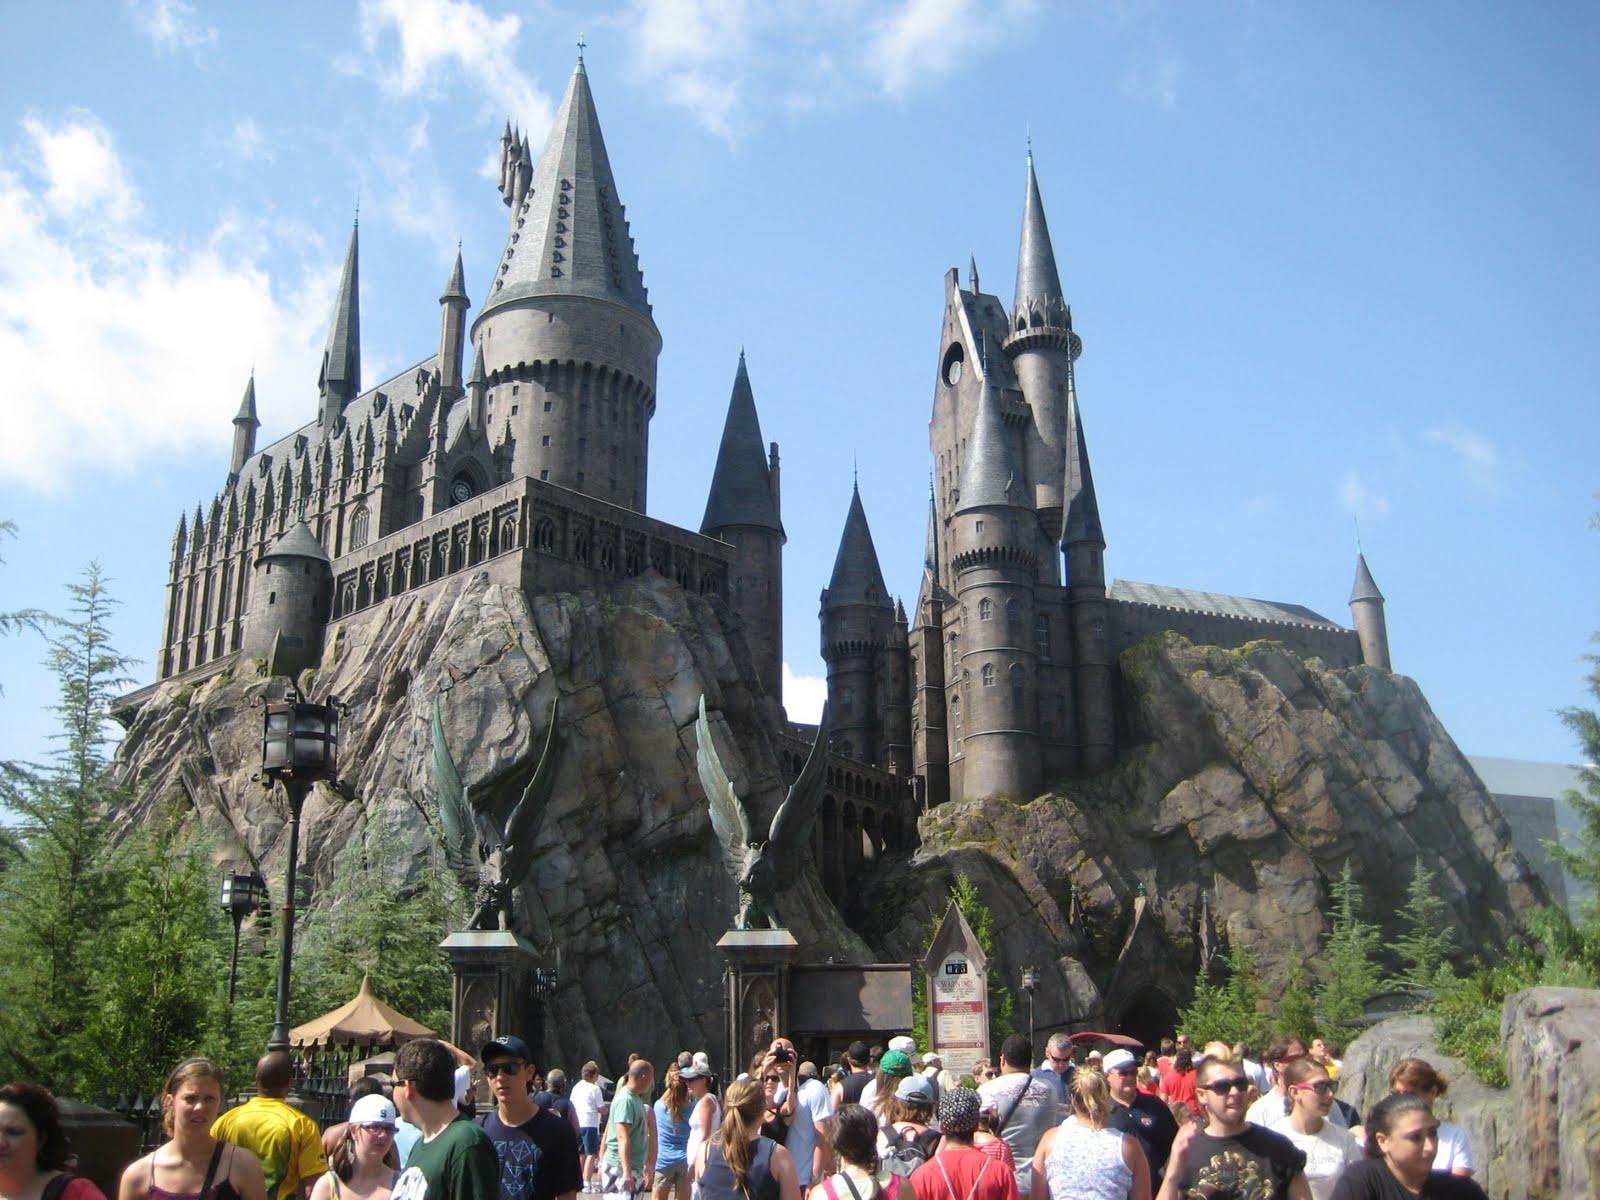 Potter Theme Park Orlando Florida Description Photos Wallpapers 1600x1200